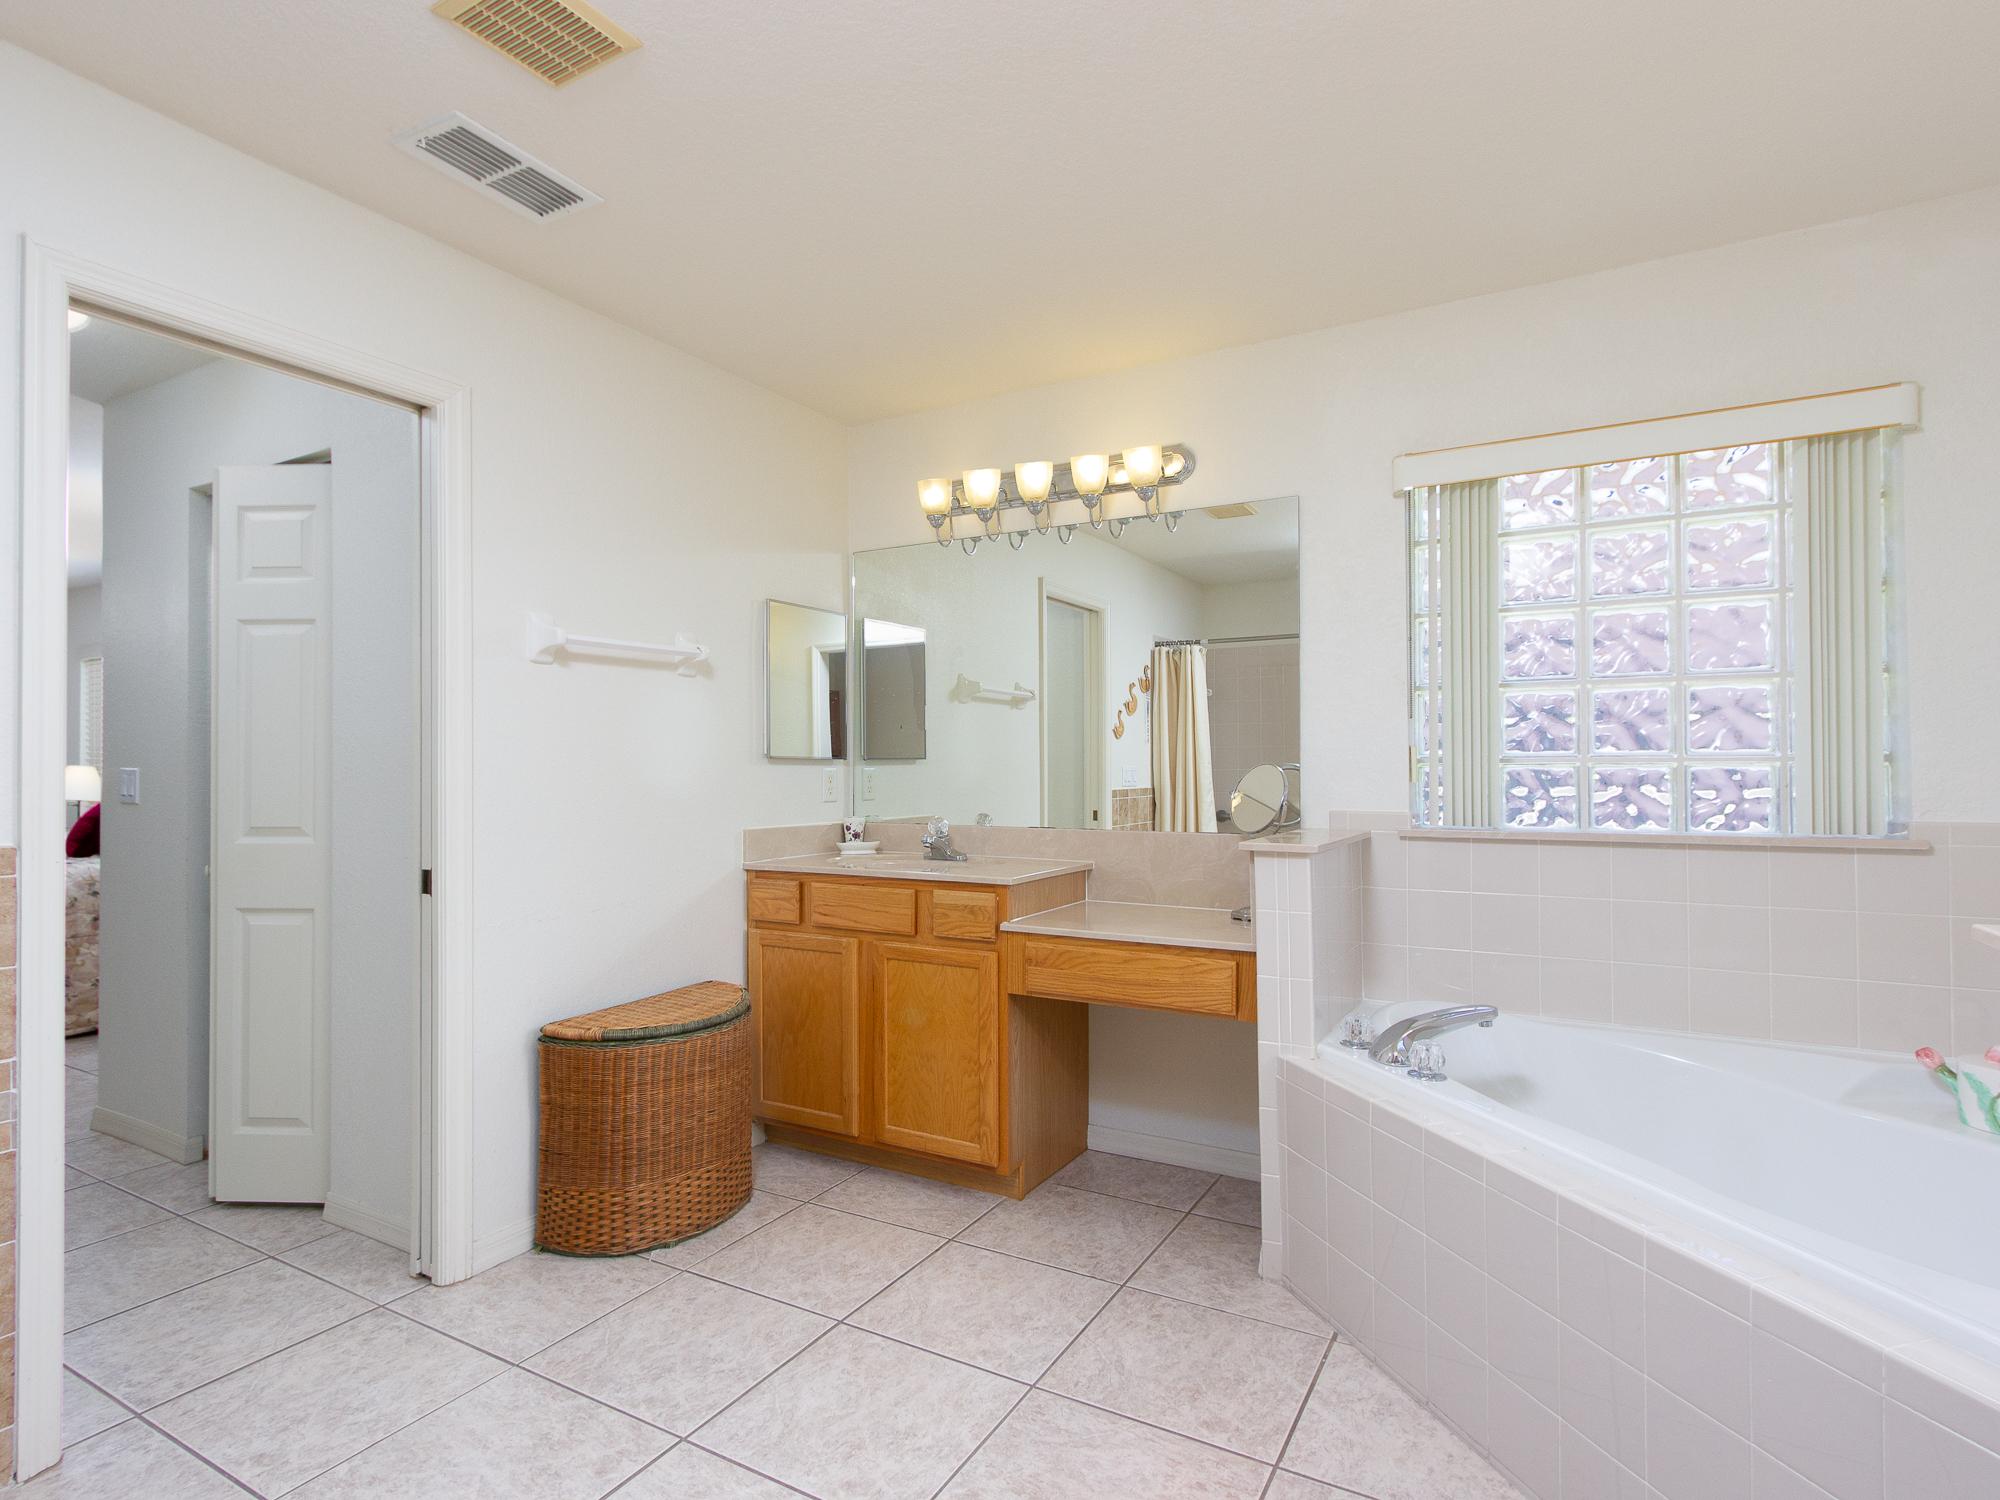 17431-SE-110th-Terrace-Summerfield-FL-34491-120-of-39